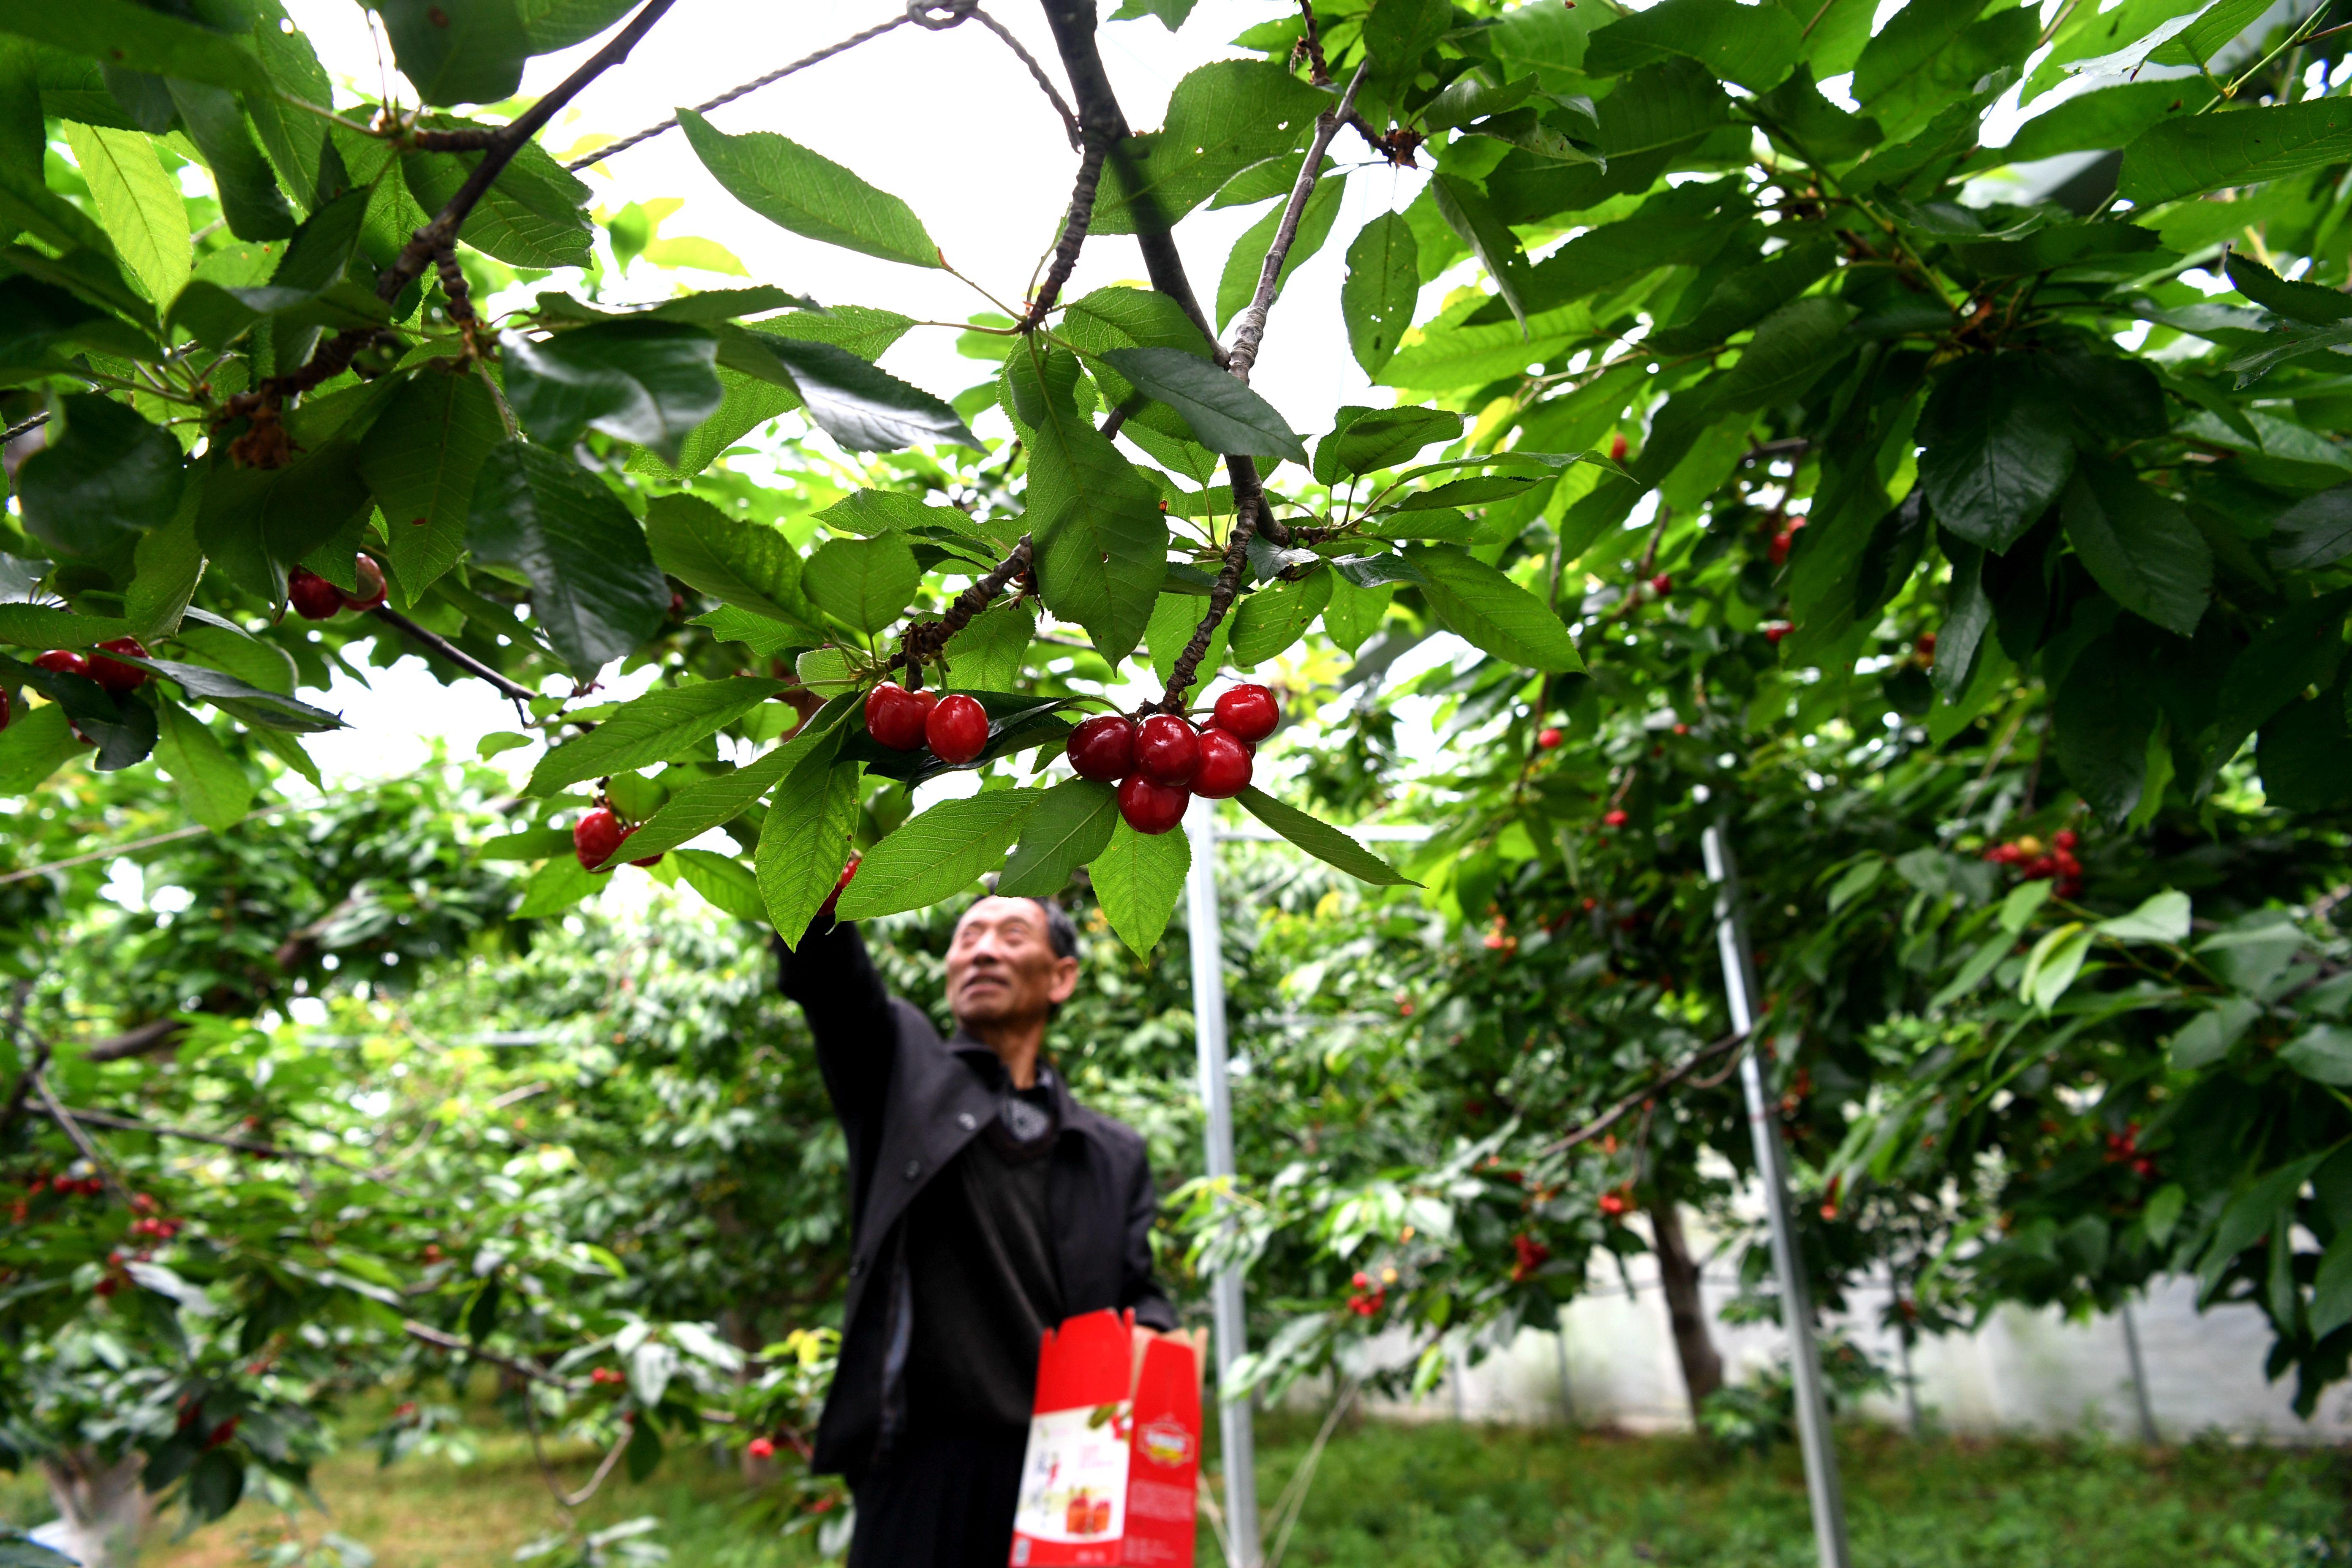 サクランボで豊かになるかつての地震被災地 四川省汶川県